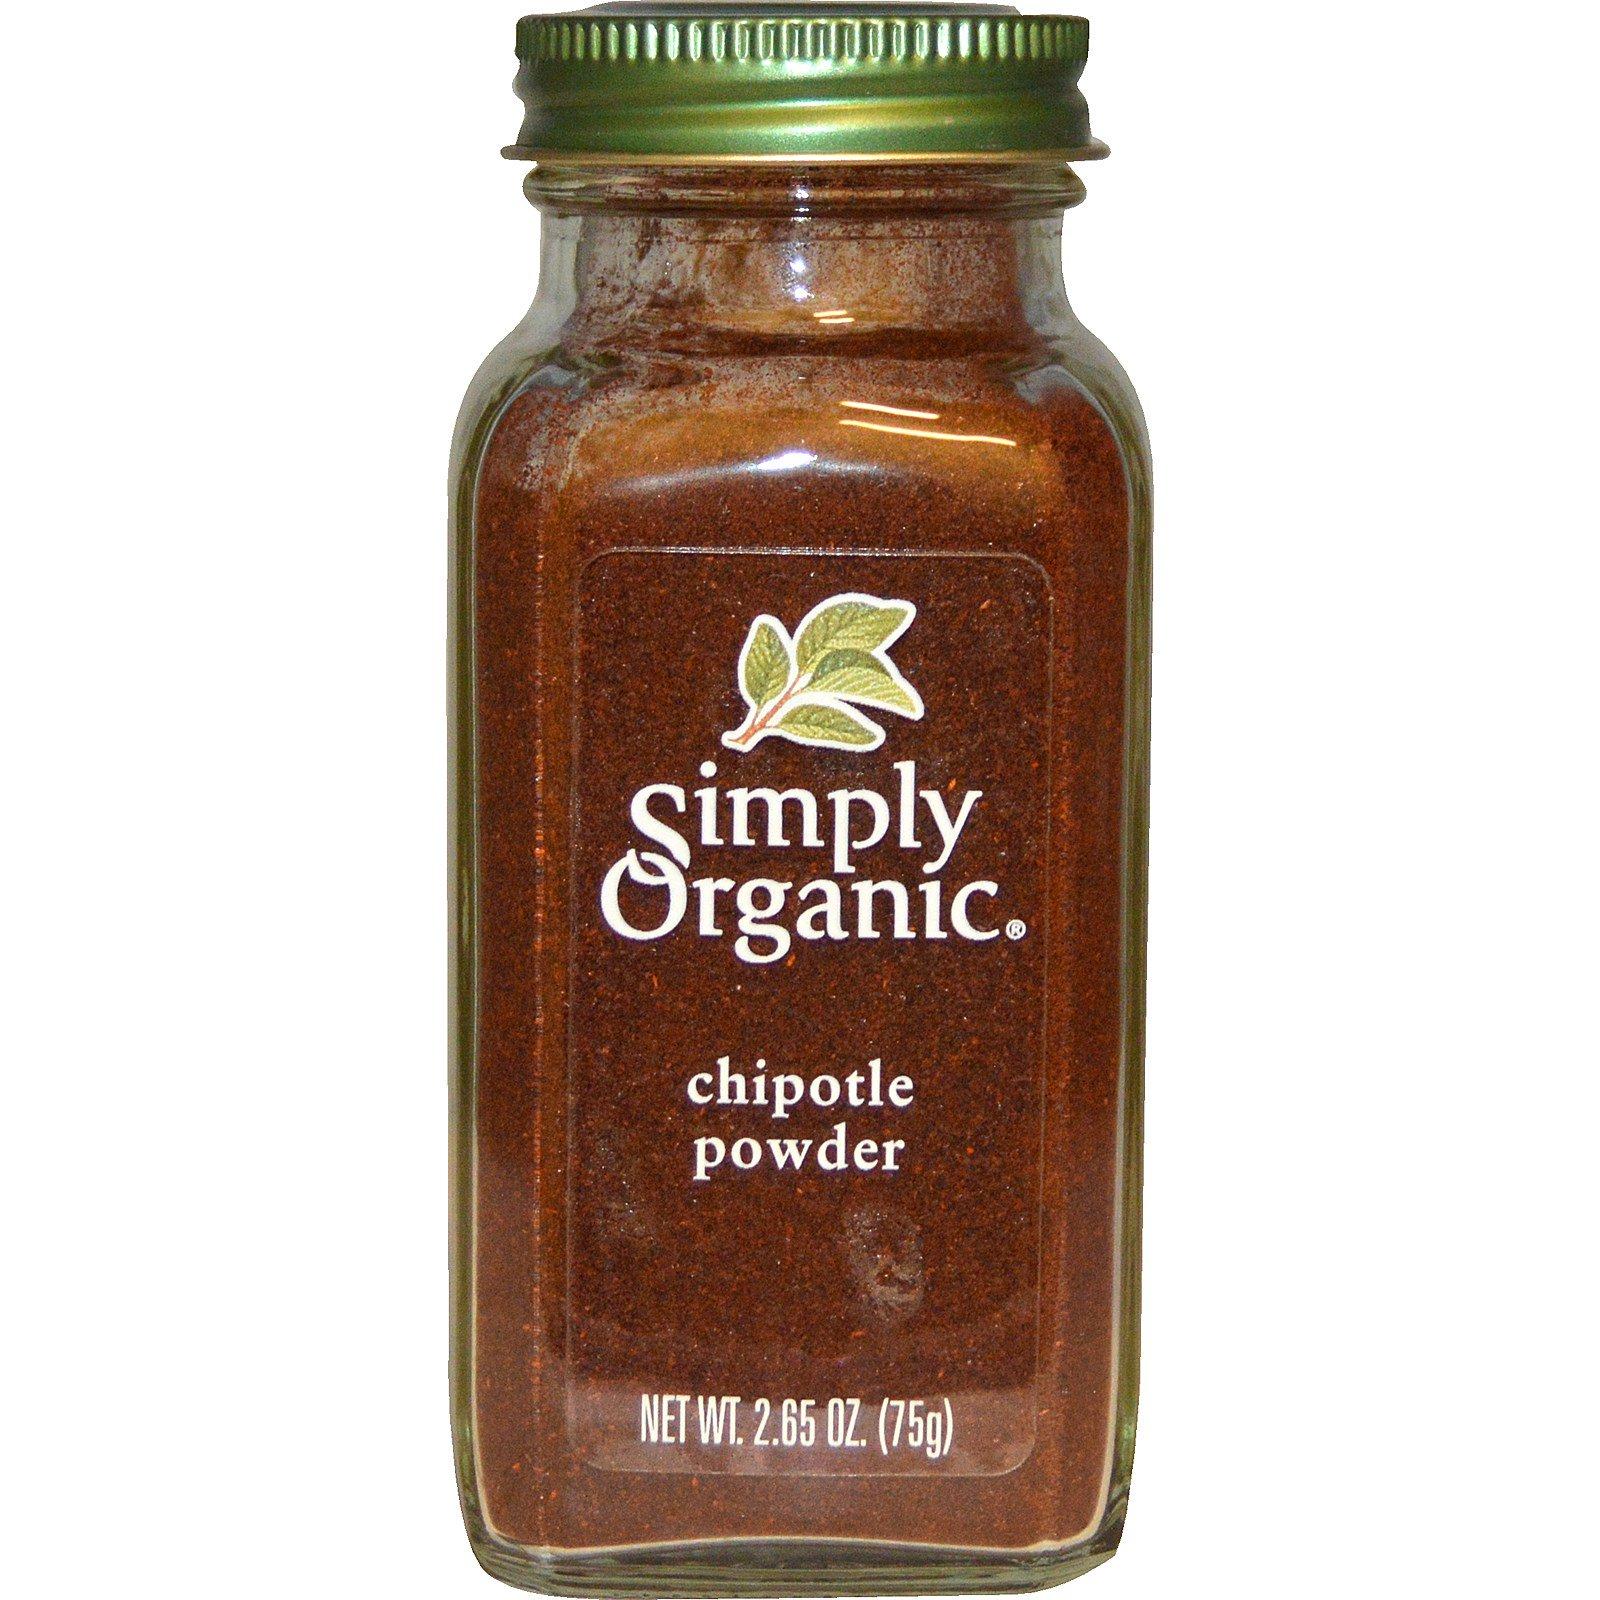 Simply Organic, Органический порошок халапено, 2,65 унции (75 г)